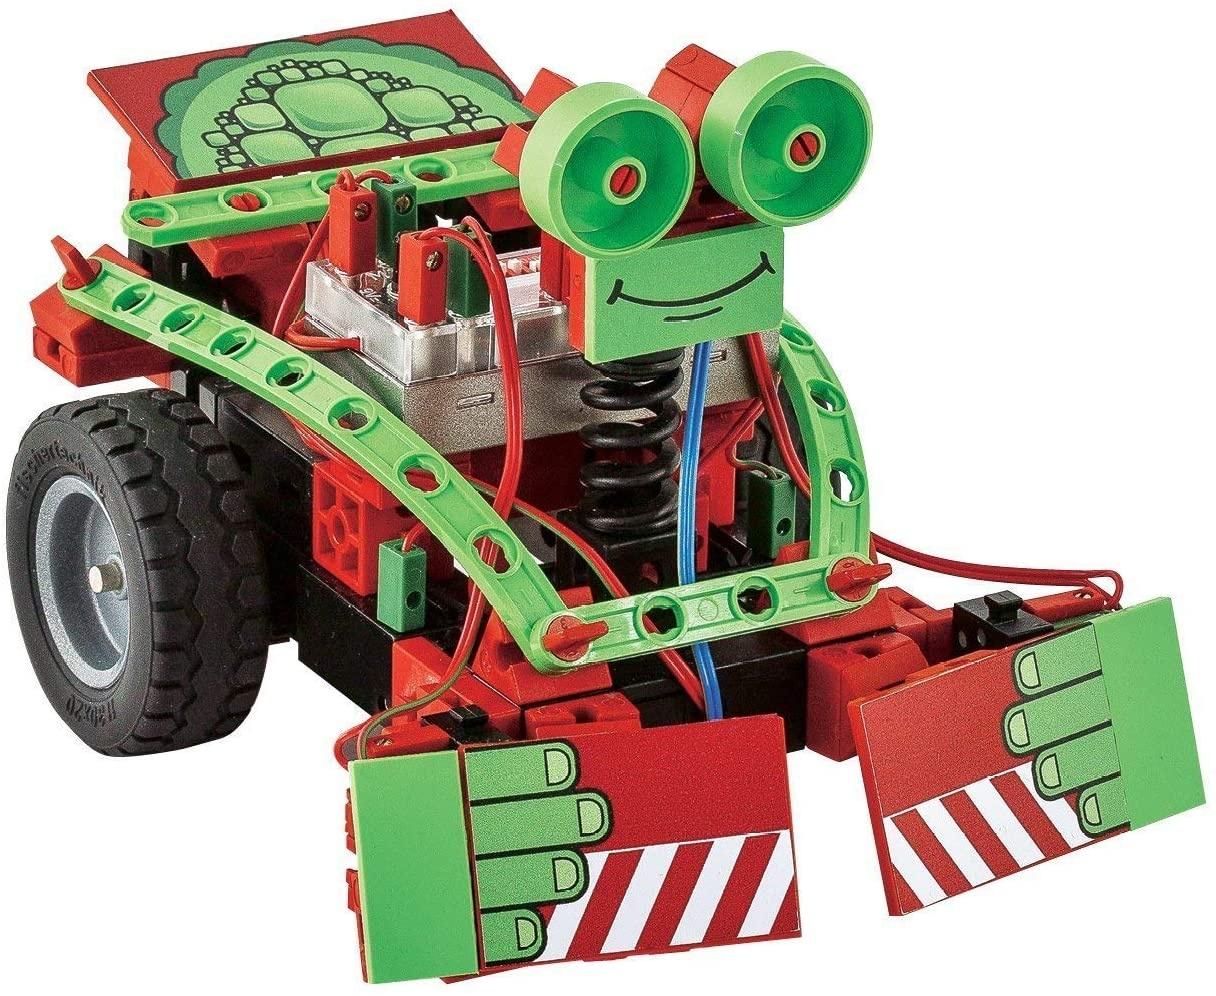 fischertechnik Mini Bots - das Roboter Spielzeug mit 5 Modellen bietet den Einstieg in das Thema Roboter - der Roboter für Kinder beinhaltet ROBOTICS-Modul, IR Spursensor, 2 Taster und 2 XS-Motoren Bild 1